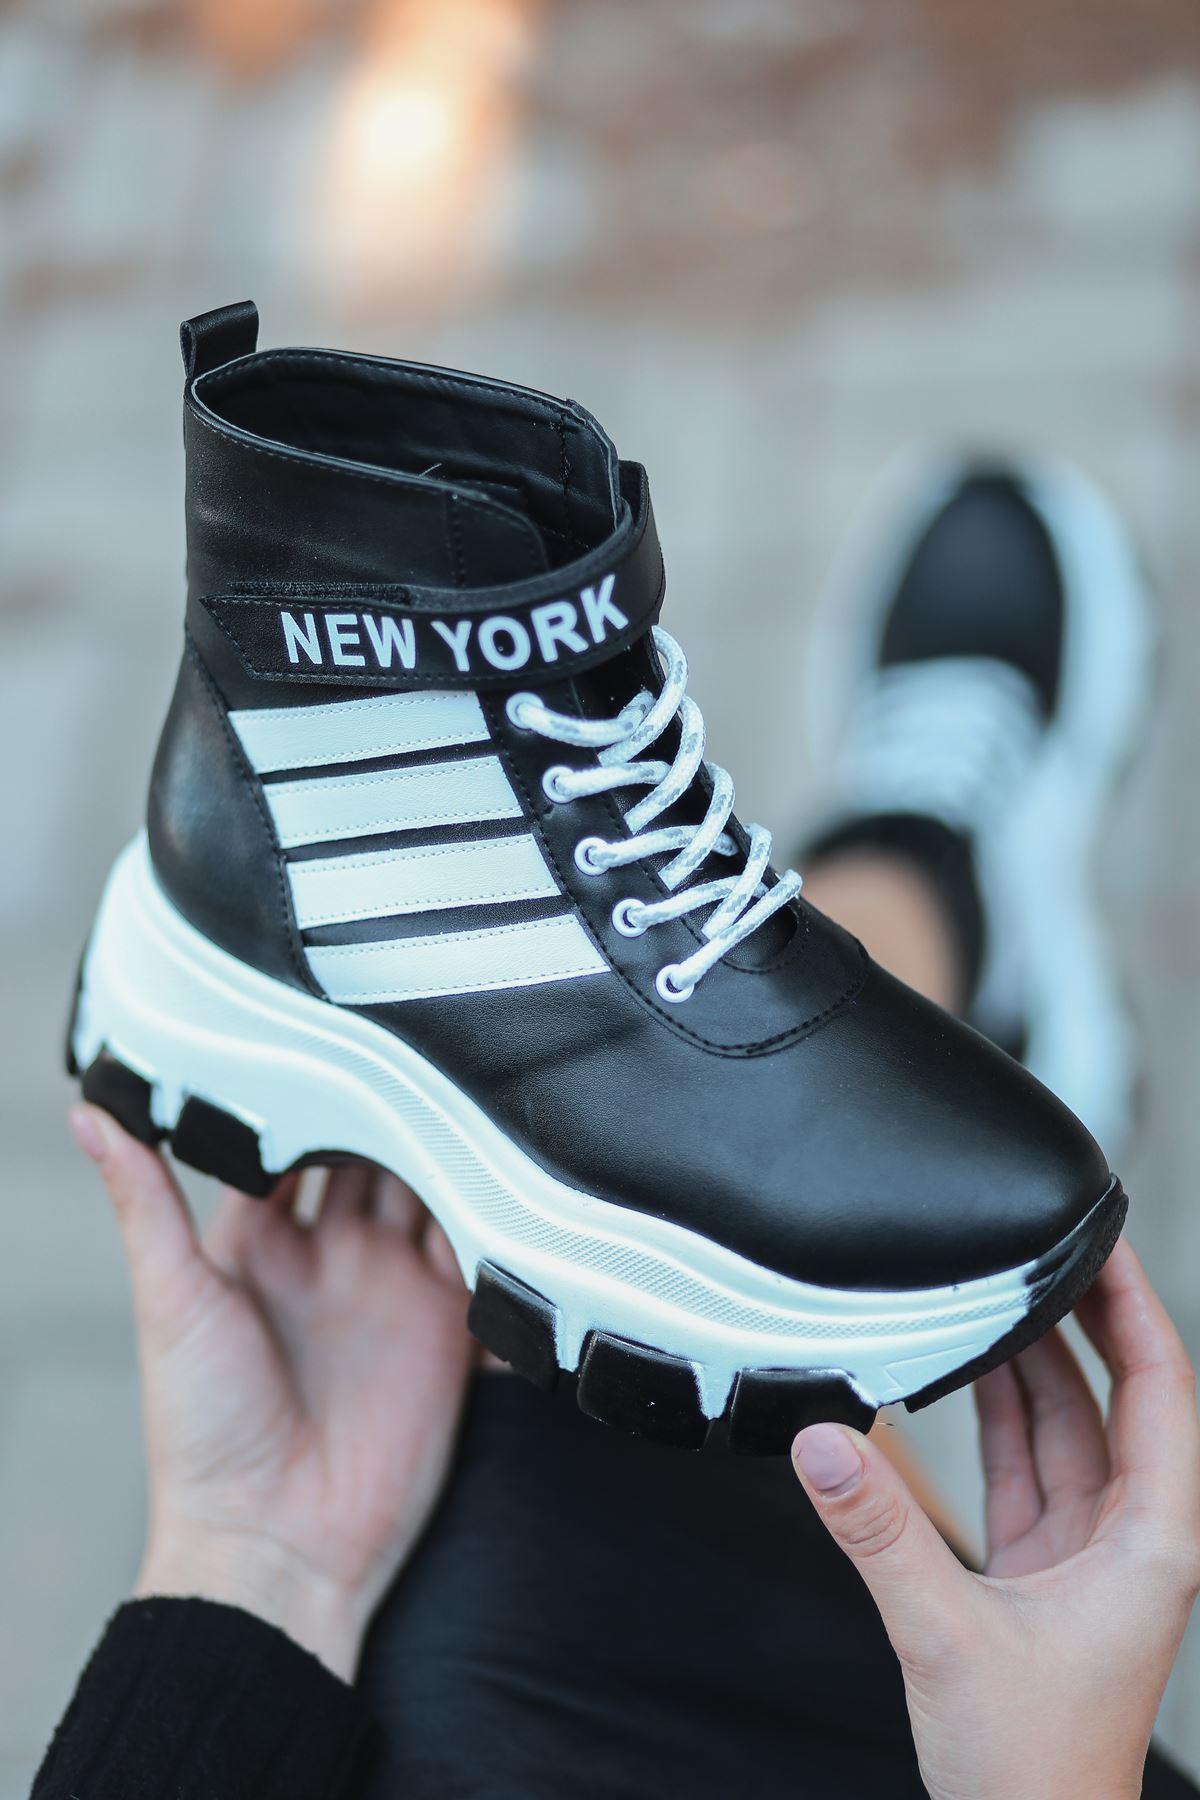 New York  Mat Deri Yazı Detay Spor Ayakkabı Siyah BT